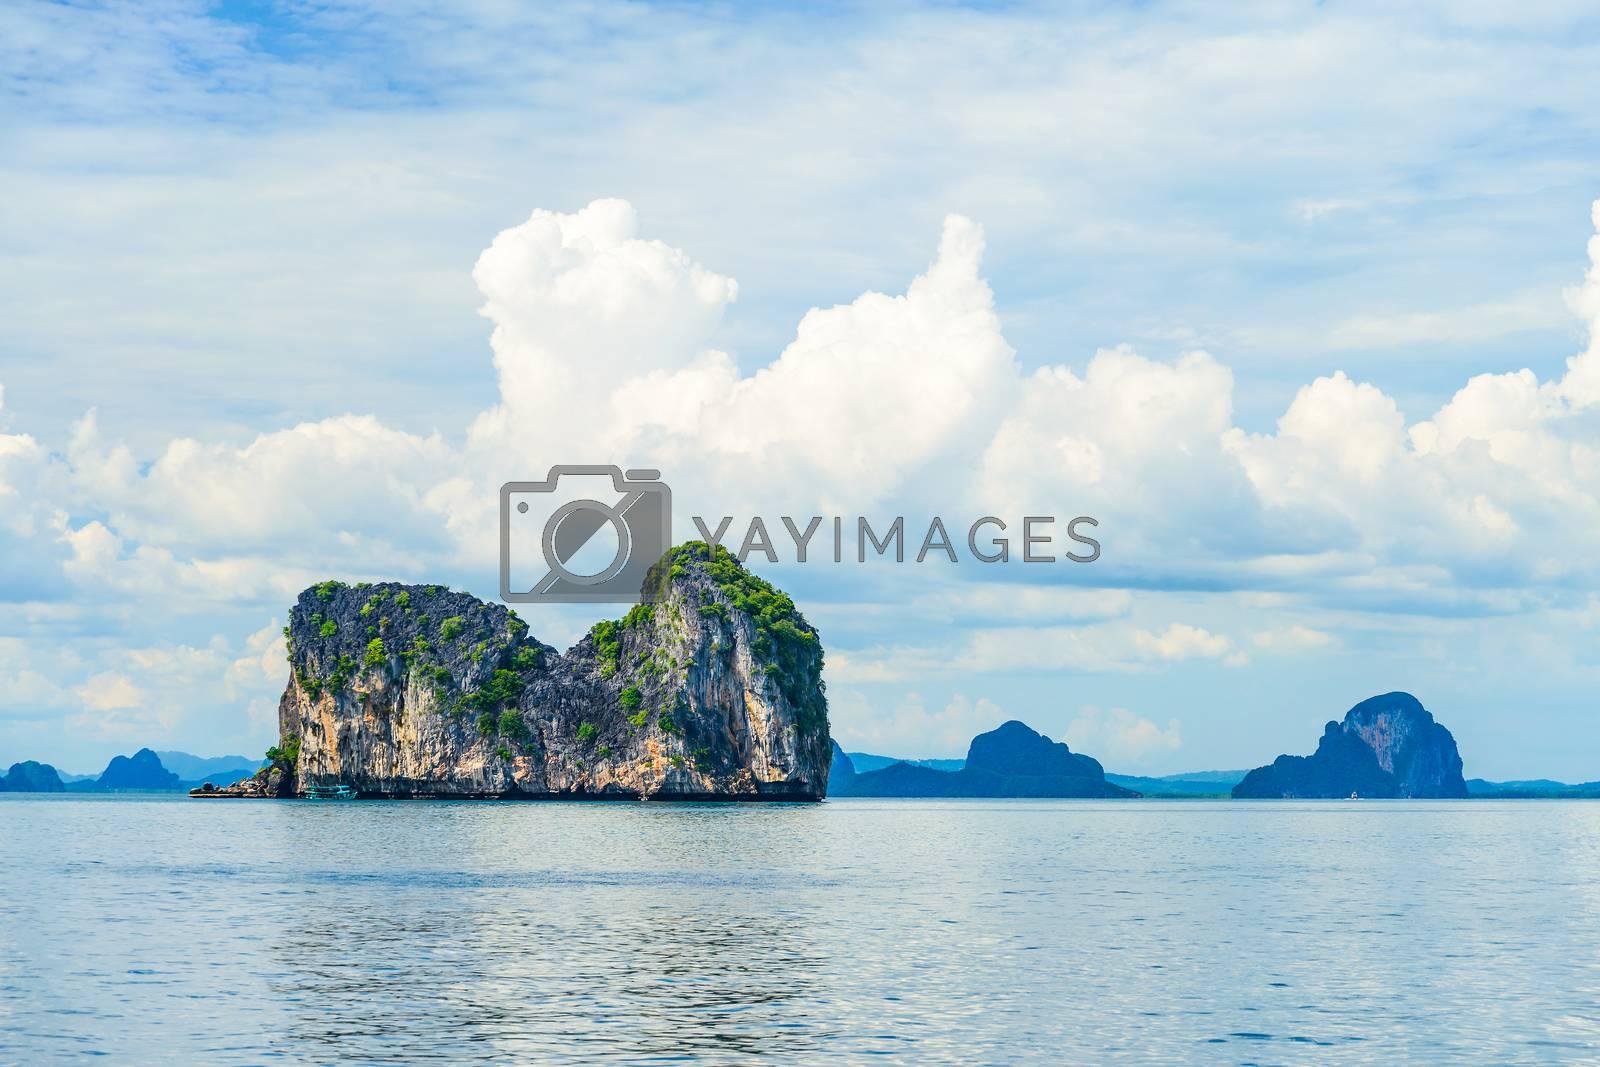 Stony Island, Trang Province, Thailand by jakgree